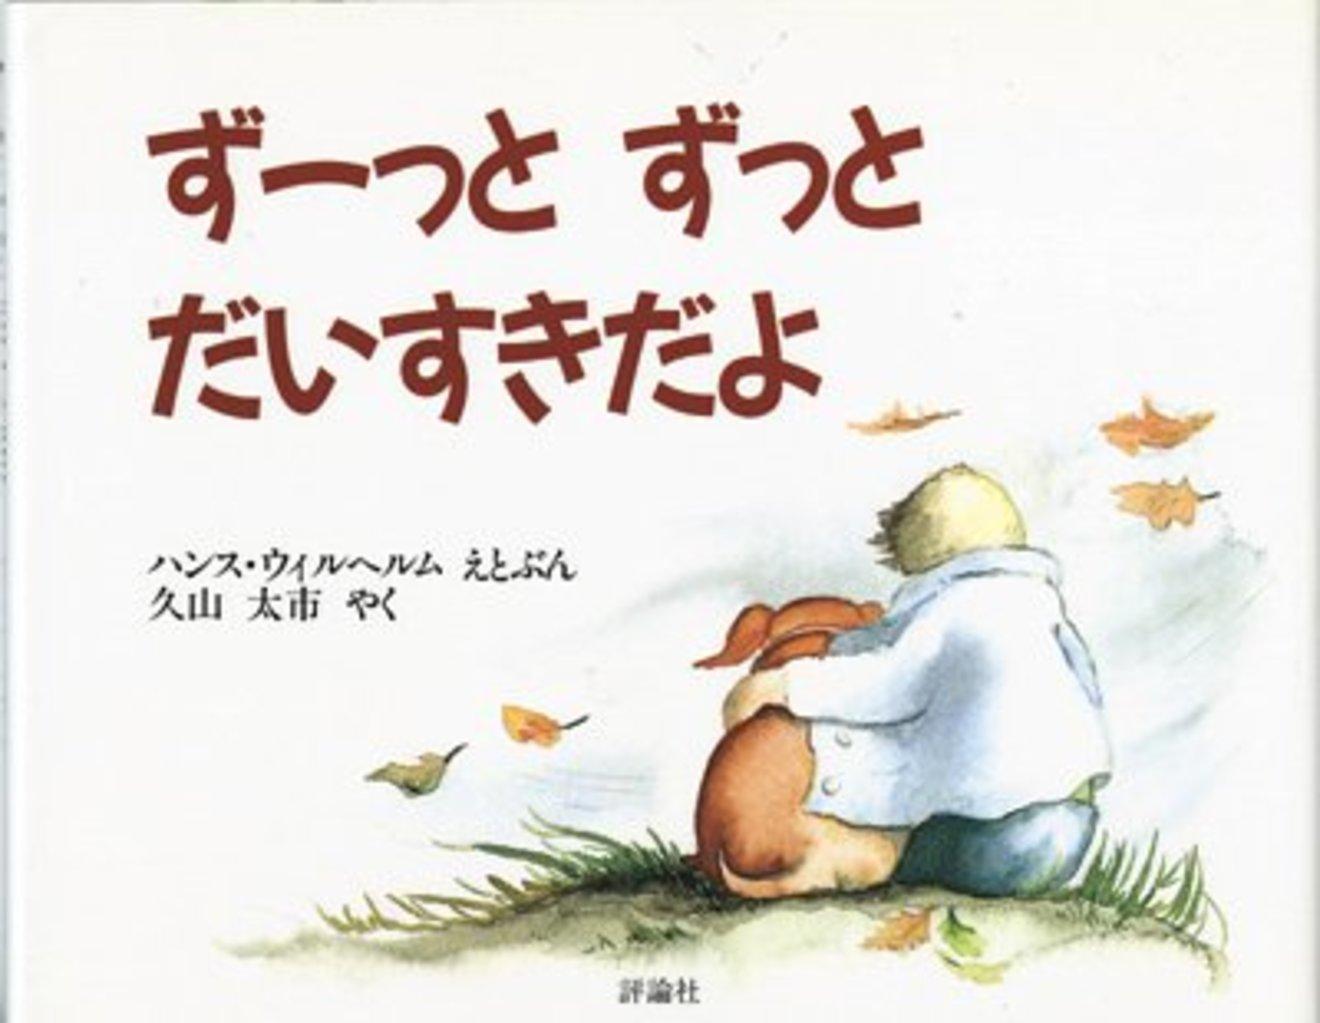 大人も泣ける、おすすめの絵本20選!「思いやり」の心が育つ作品